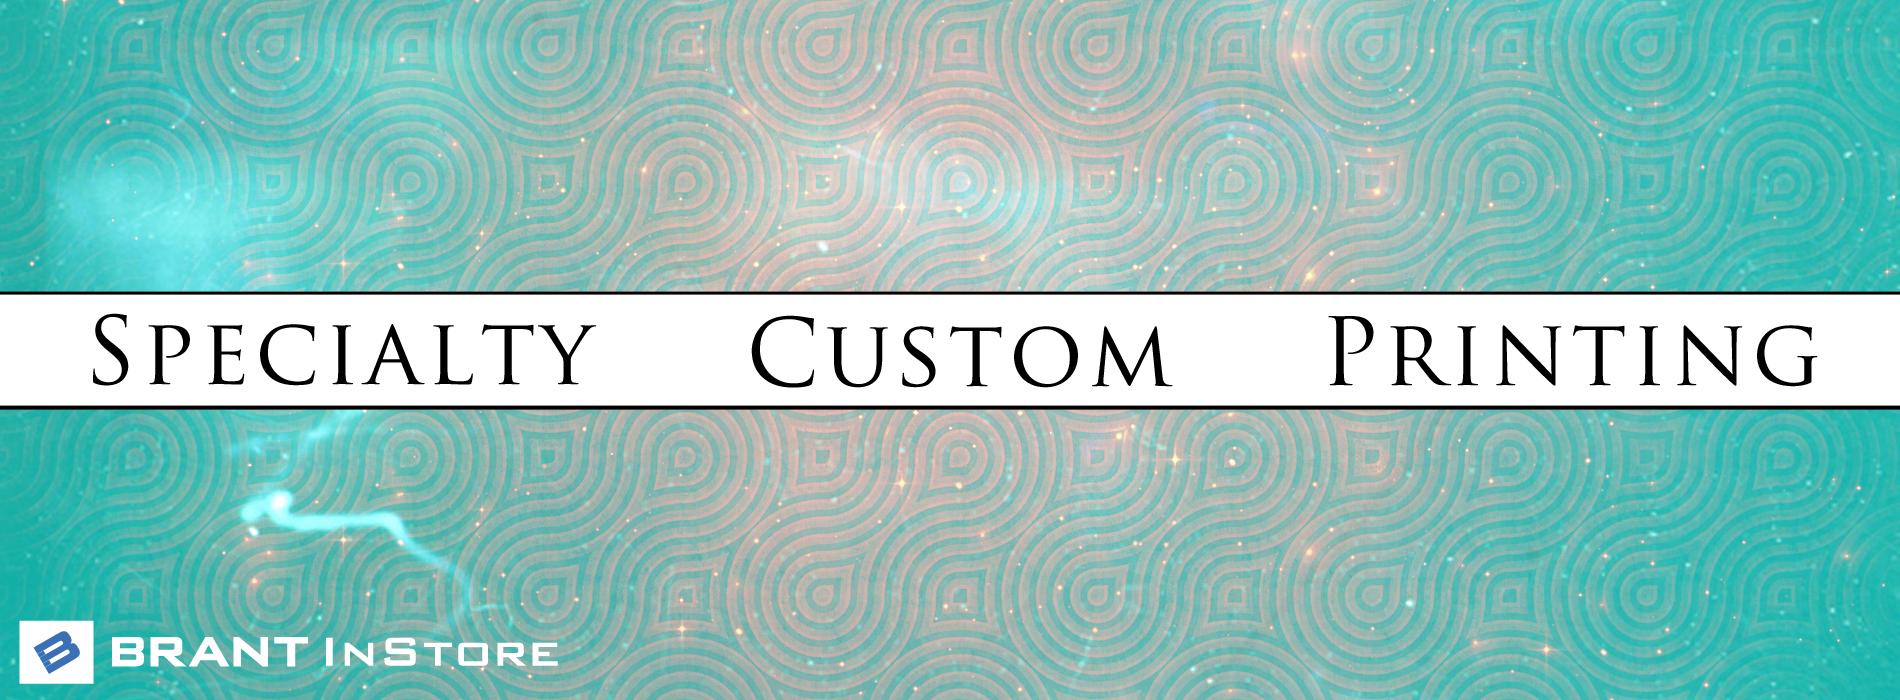 brant_custom_BANNER